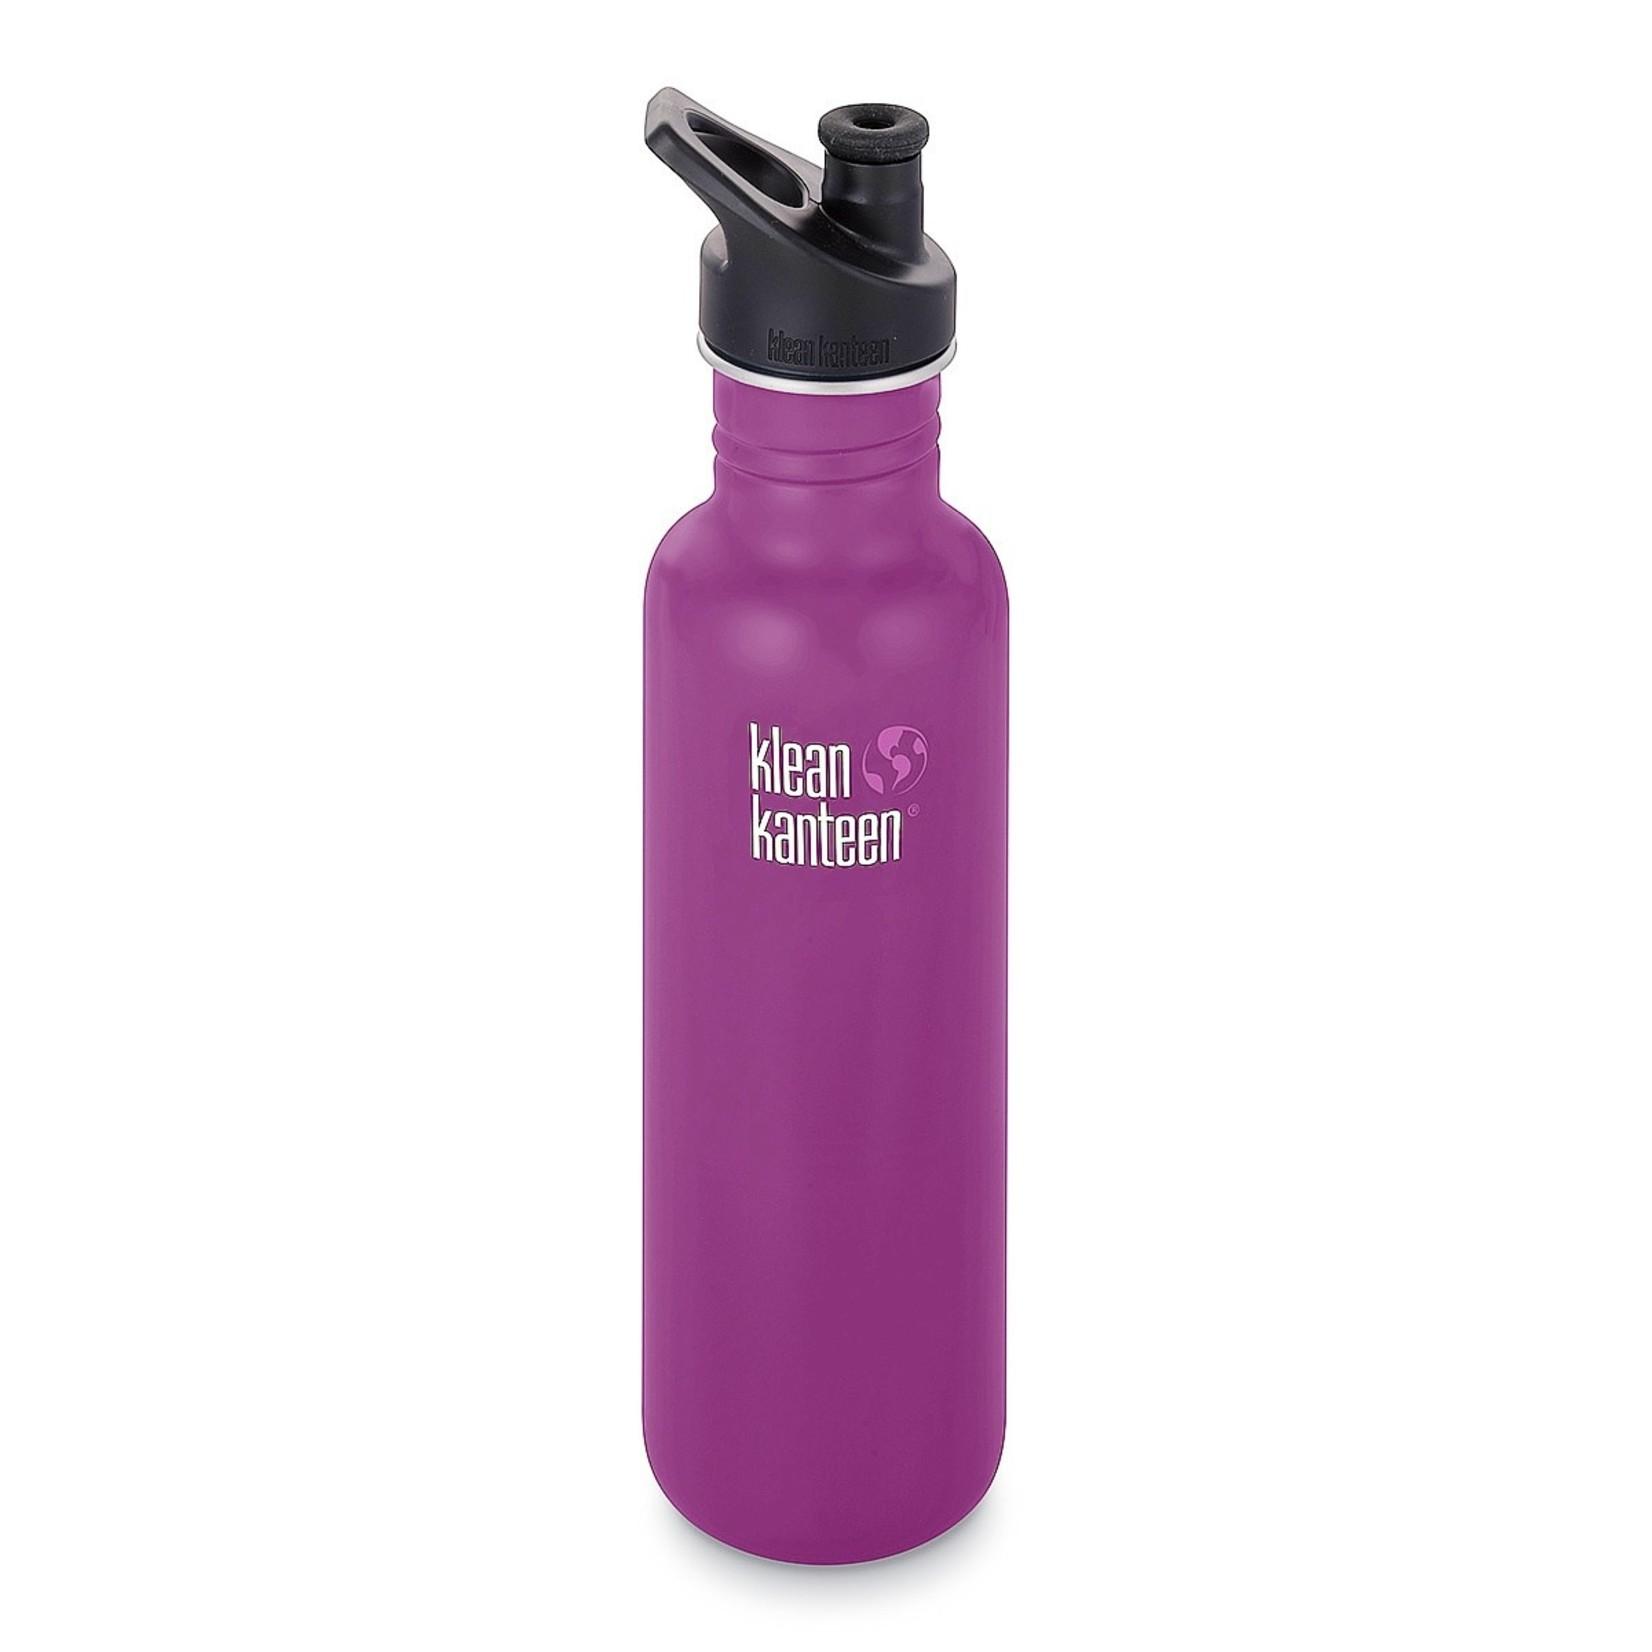 Klean Kanteen Klean Kanteen, Classic Sport Cap 27oz (800ml)